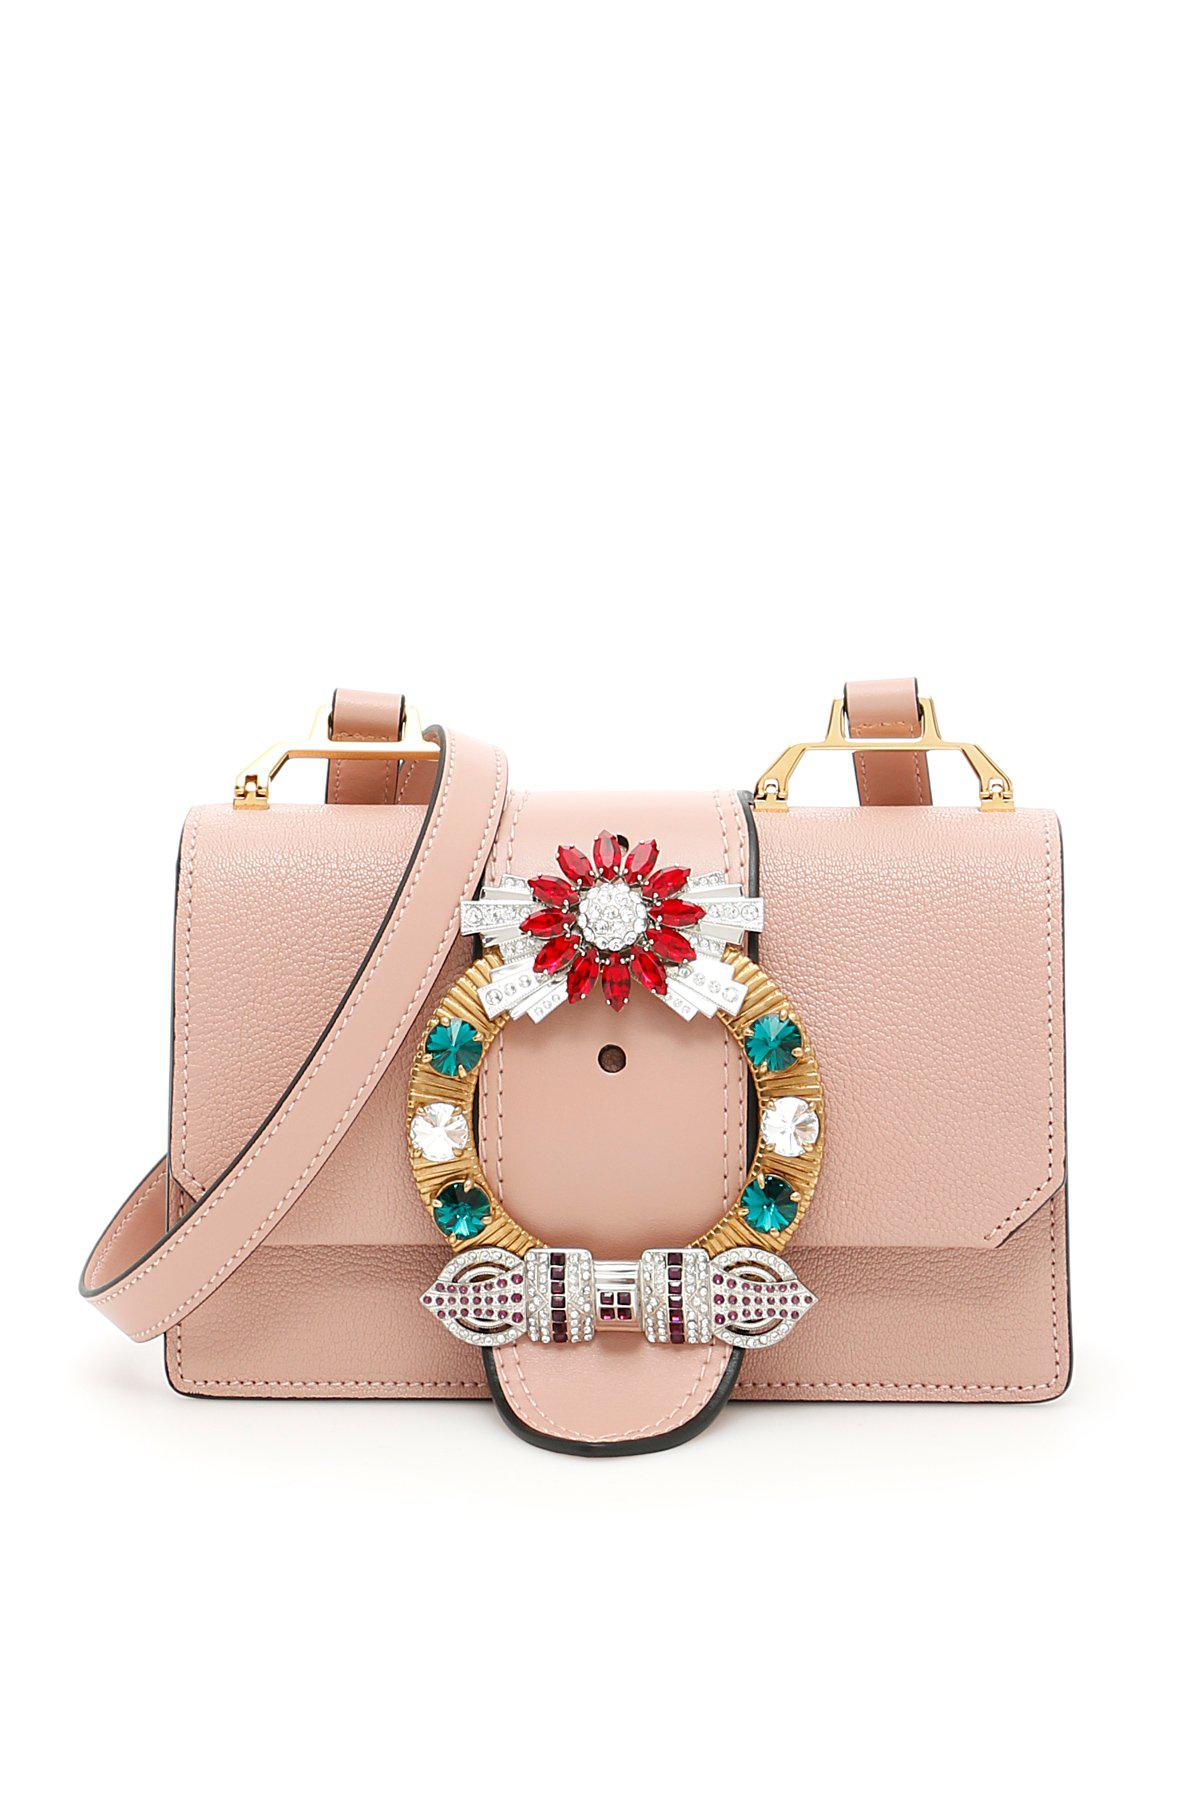 Lyst - Miu Miu Embellished Miu Lady Bag in Pink 5f3bd2770d